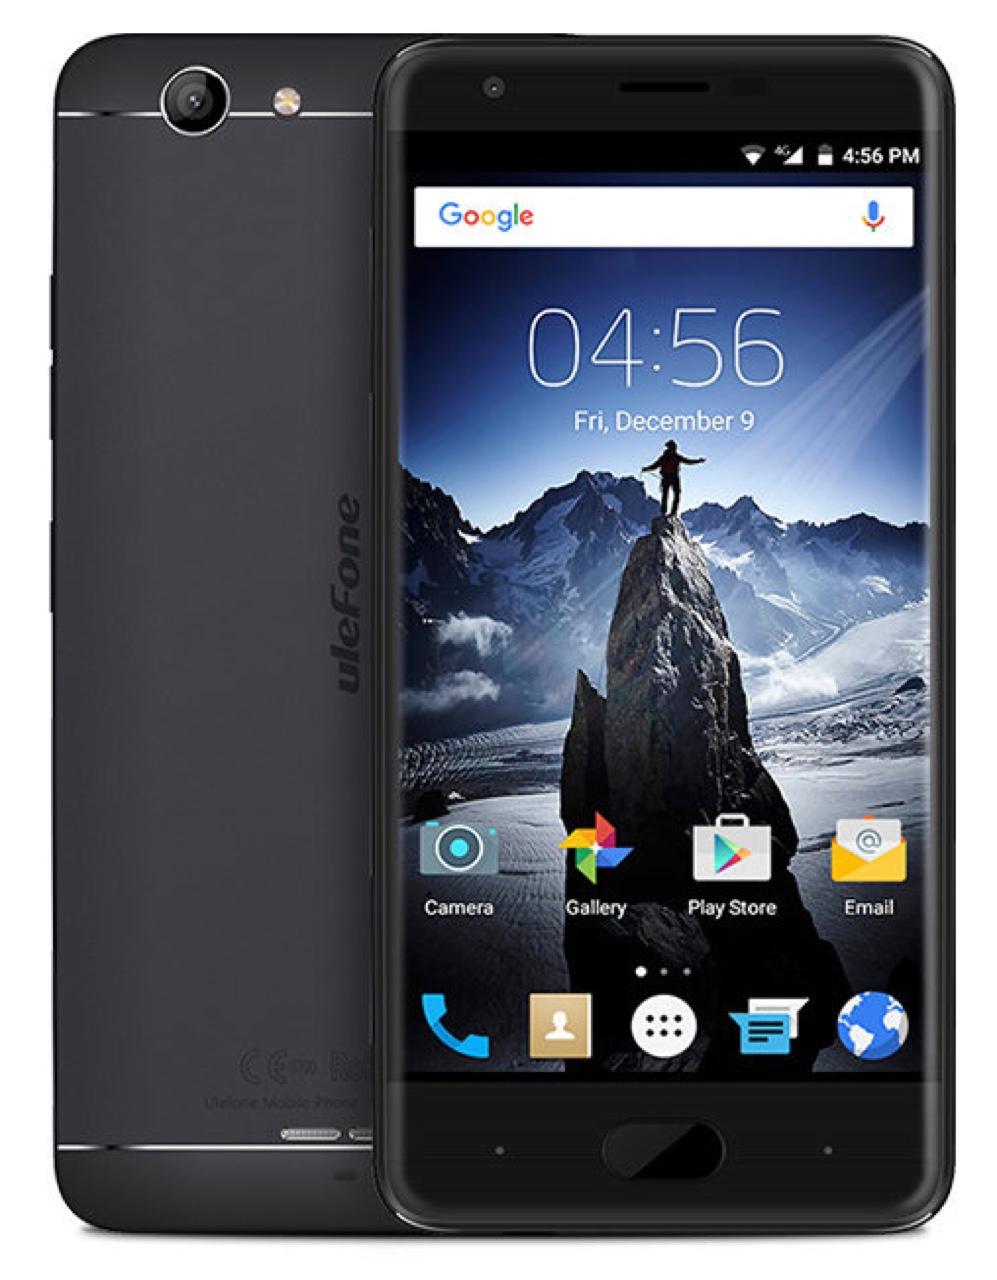 Ulefone U008 Pro Android アンドロイド スマートフォン スマホ スペック 性能 2016年